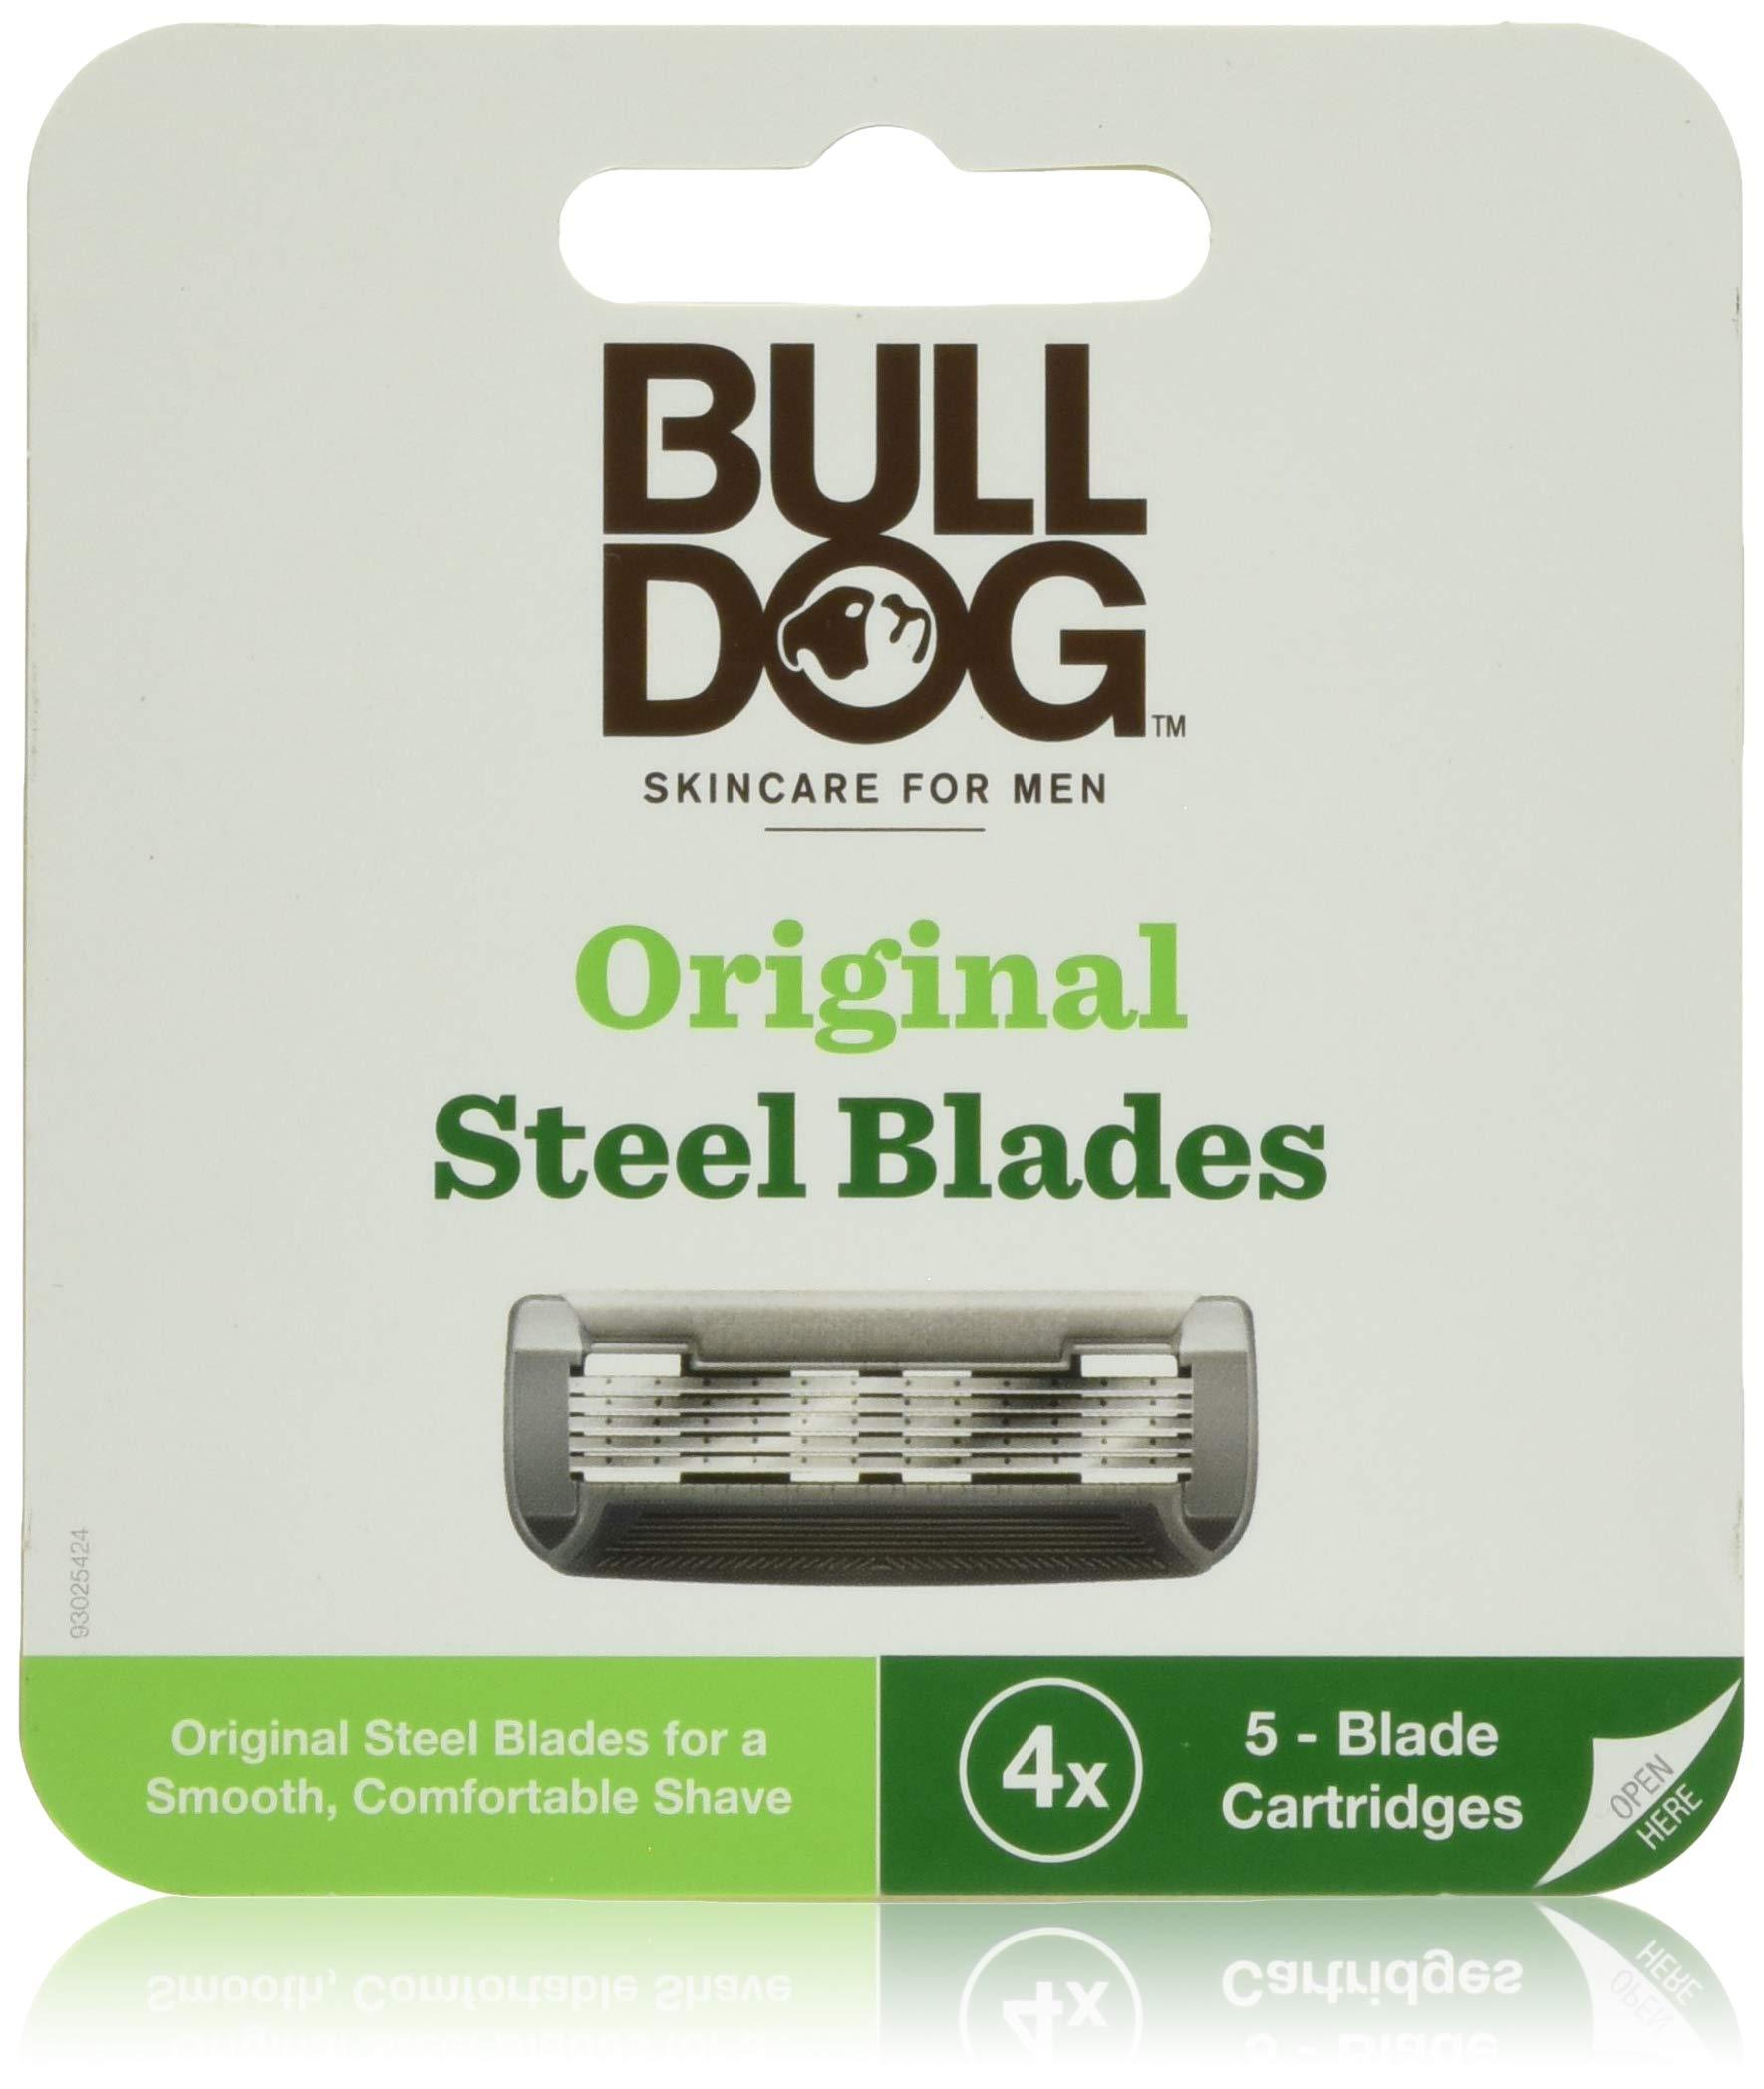 Bulldog Mens Skincare and Grooming Original Razor Blades Refills for Men, 4 Count